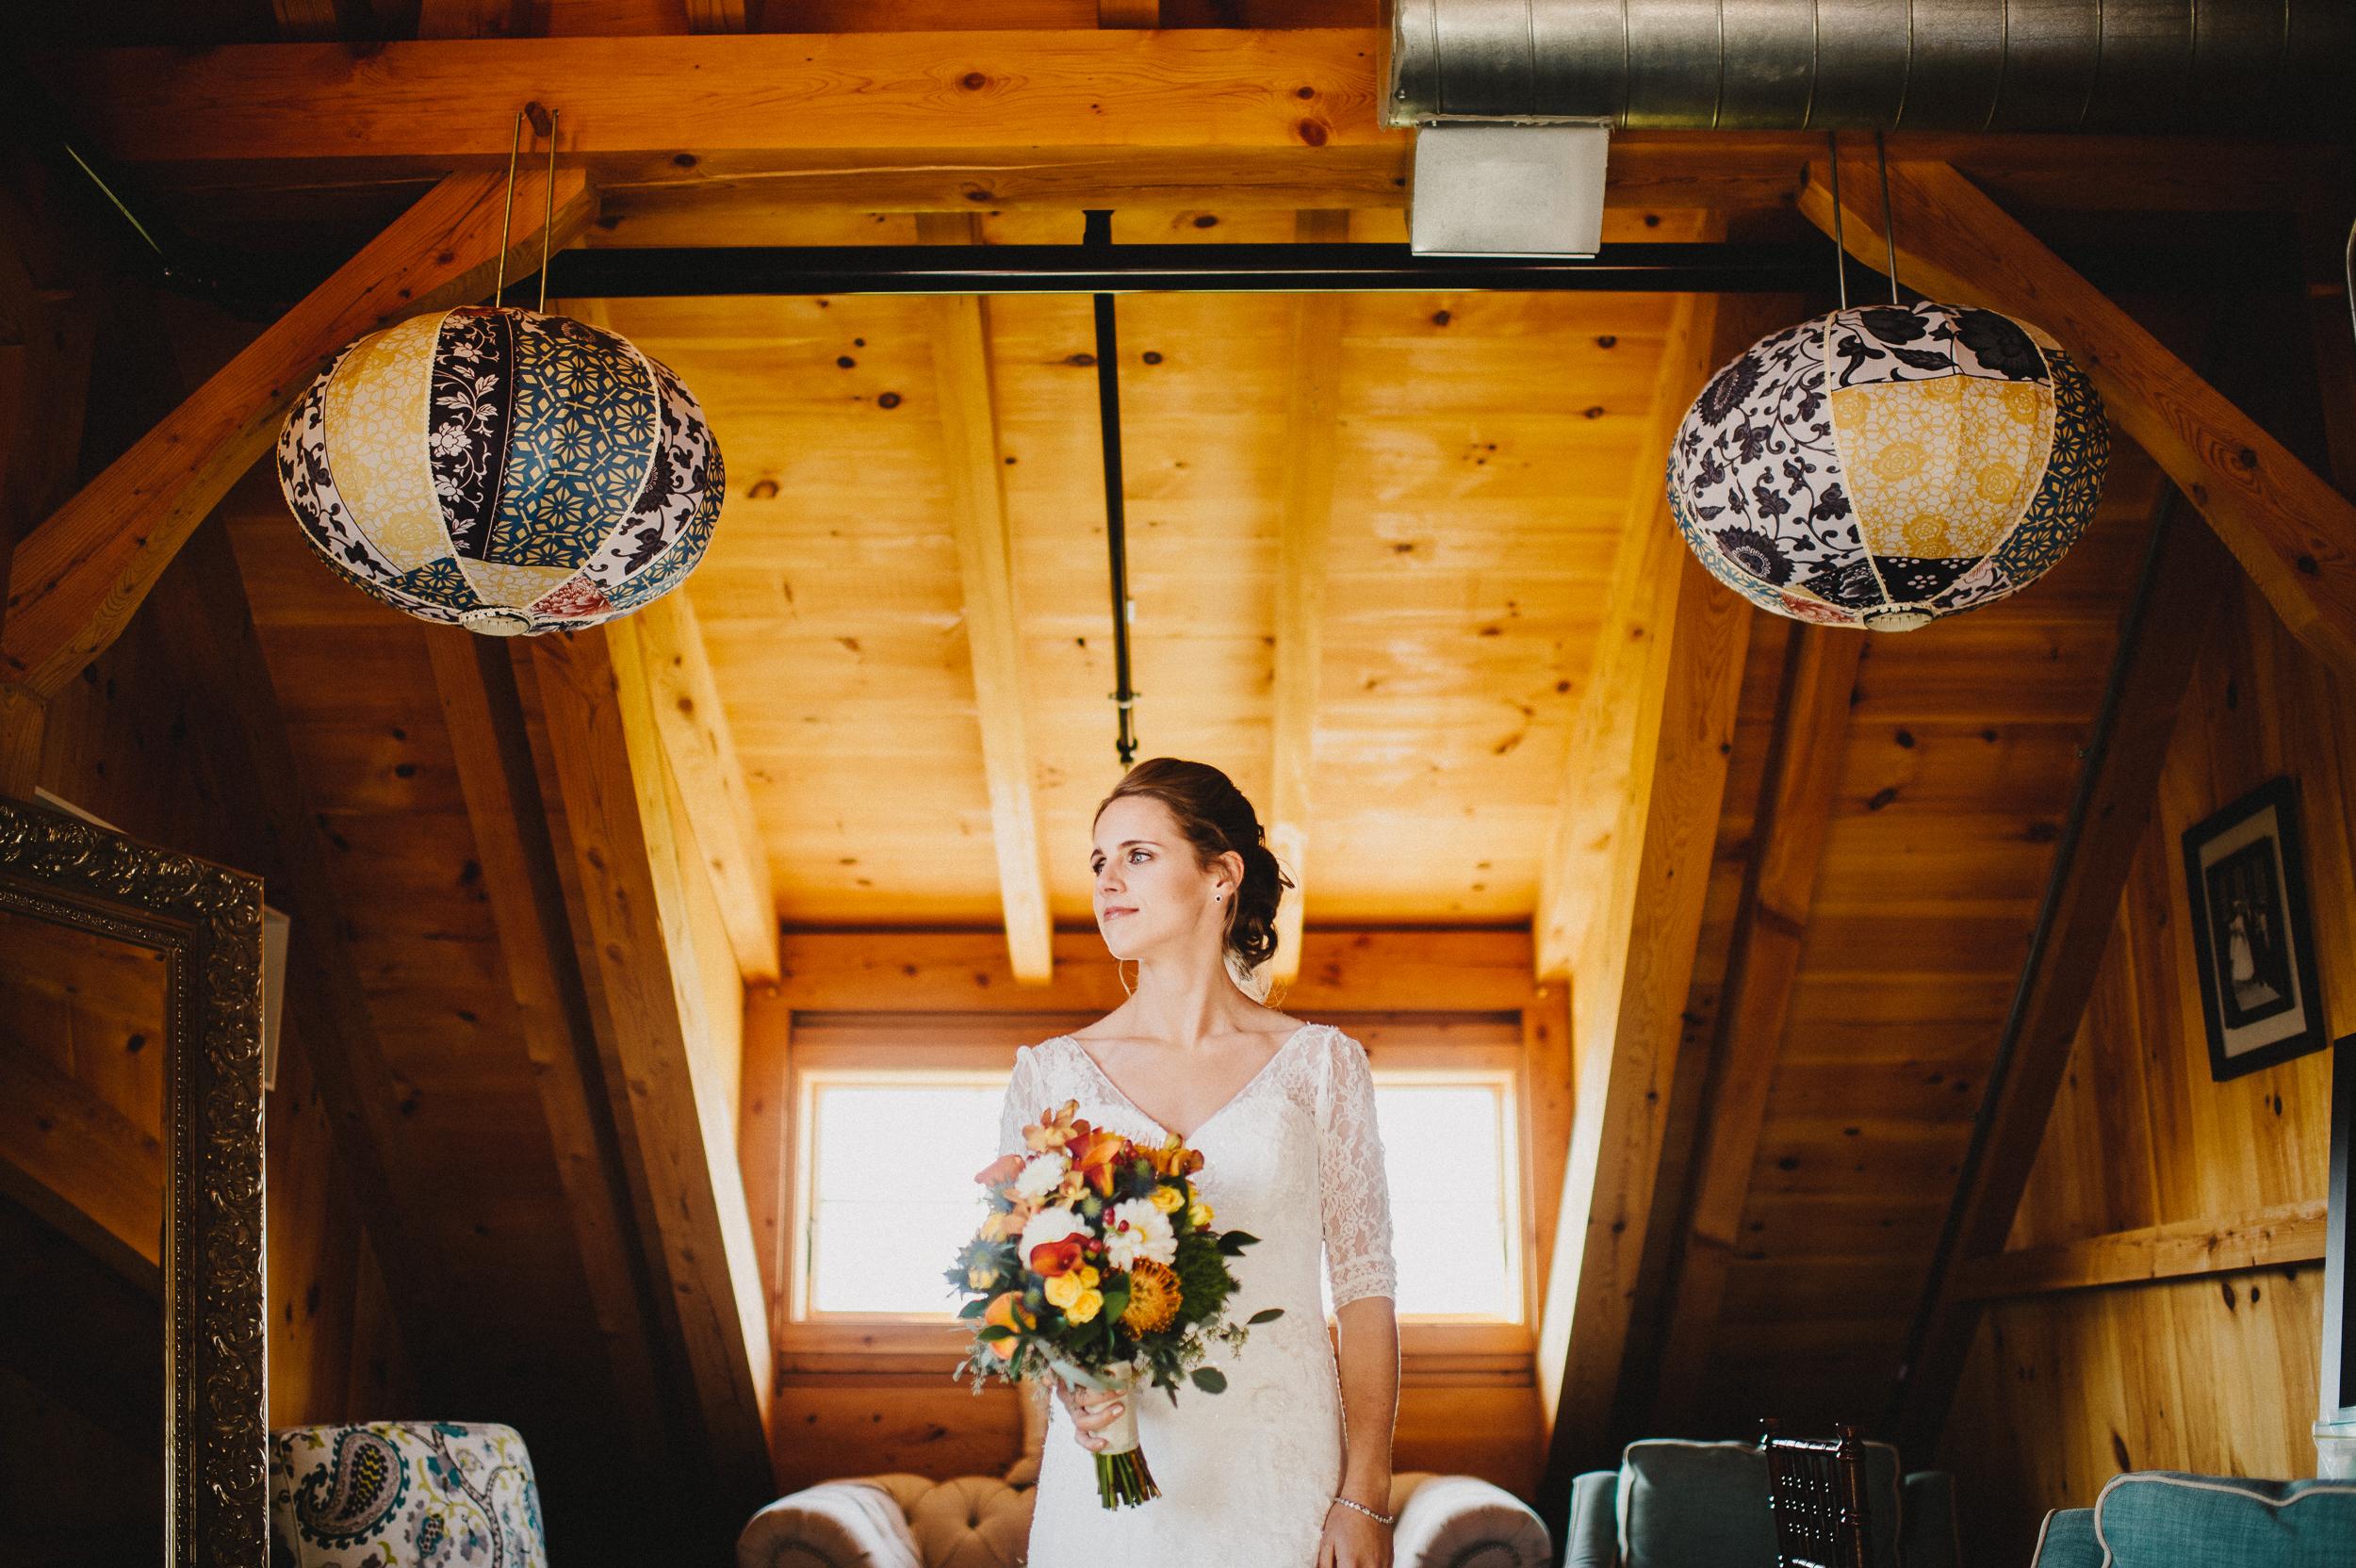 thousand-acre-farm-wedding-photographer-20.jpg